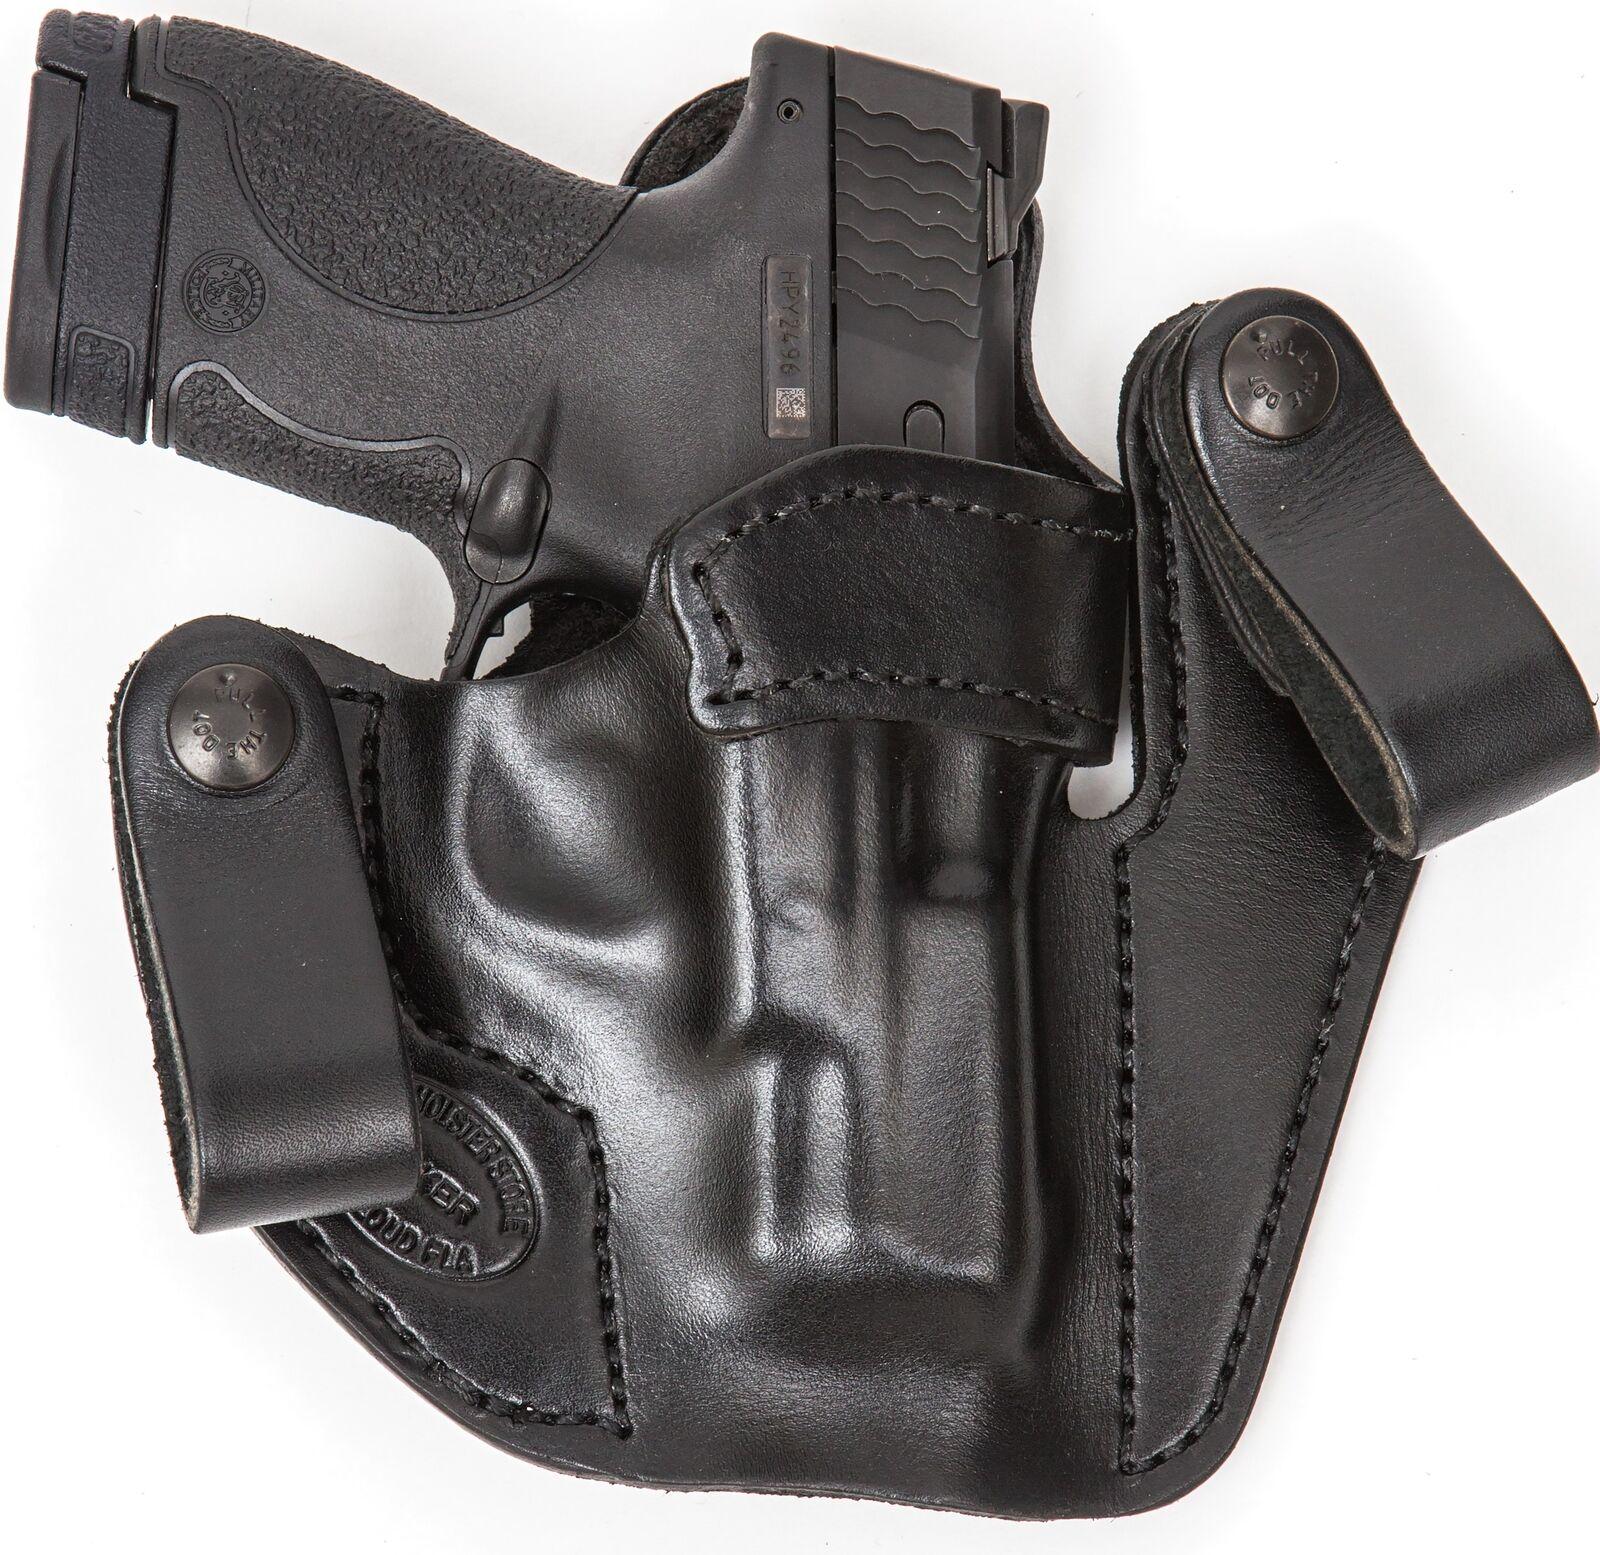 XTREME llevar RH LH dentro de la cintura de cuero Funda Pistola para CHARLES DALY 1911 3